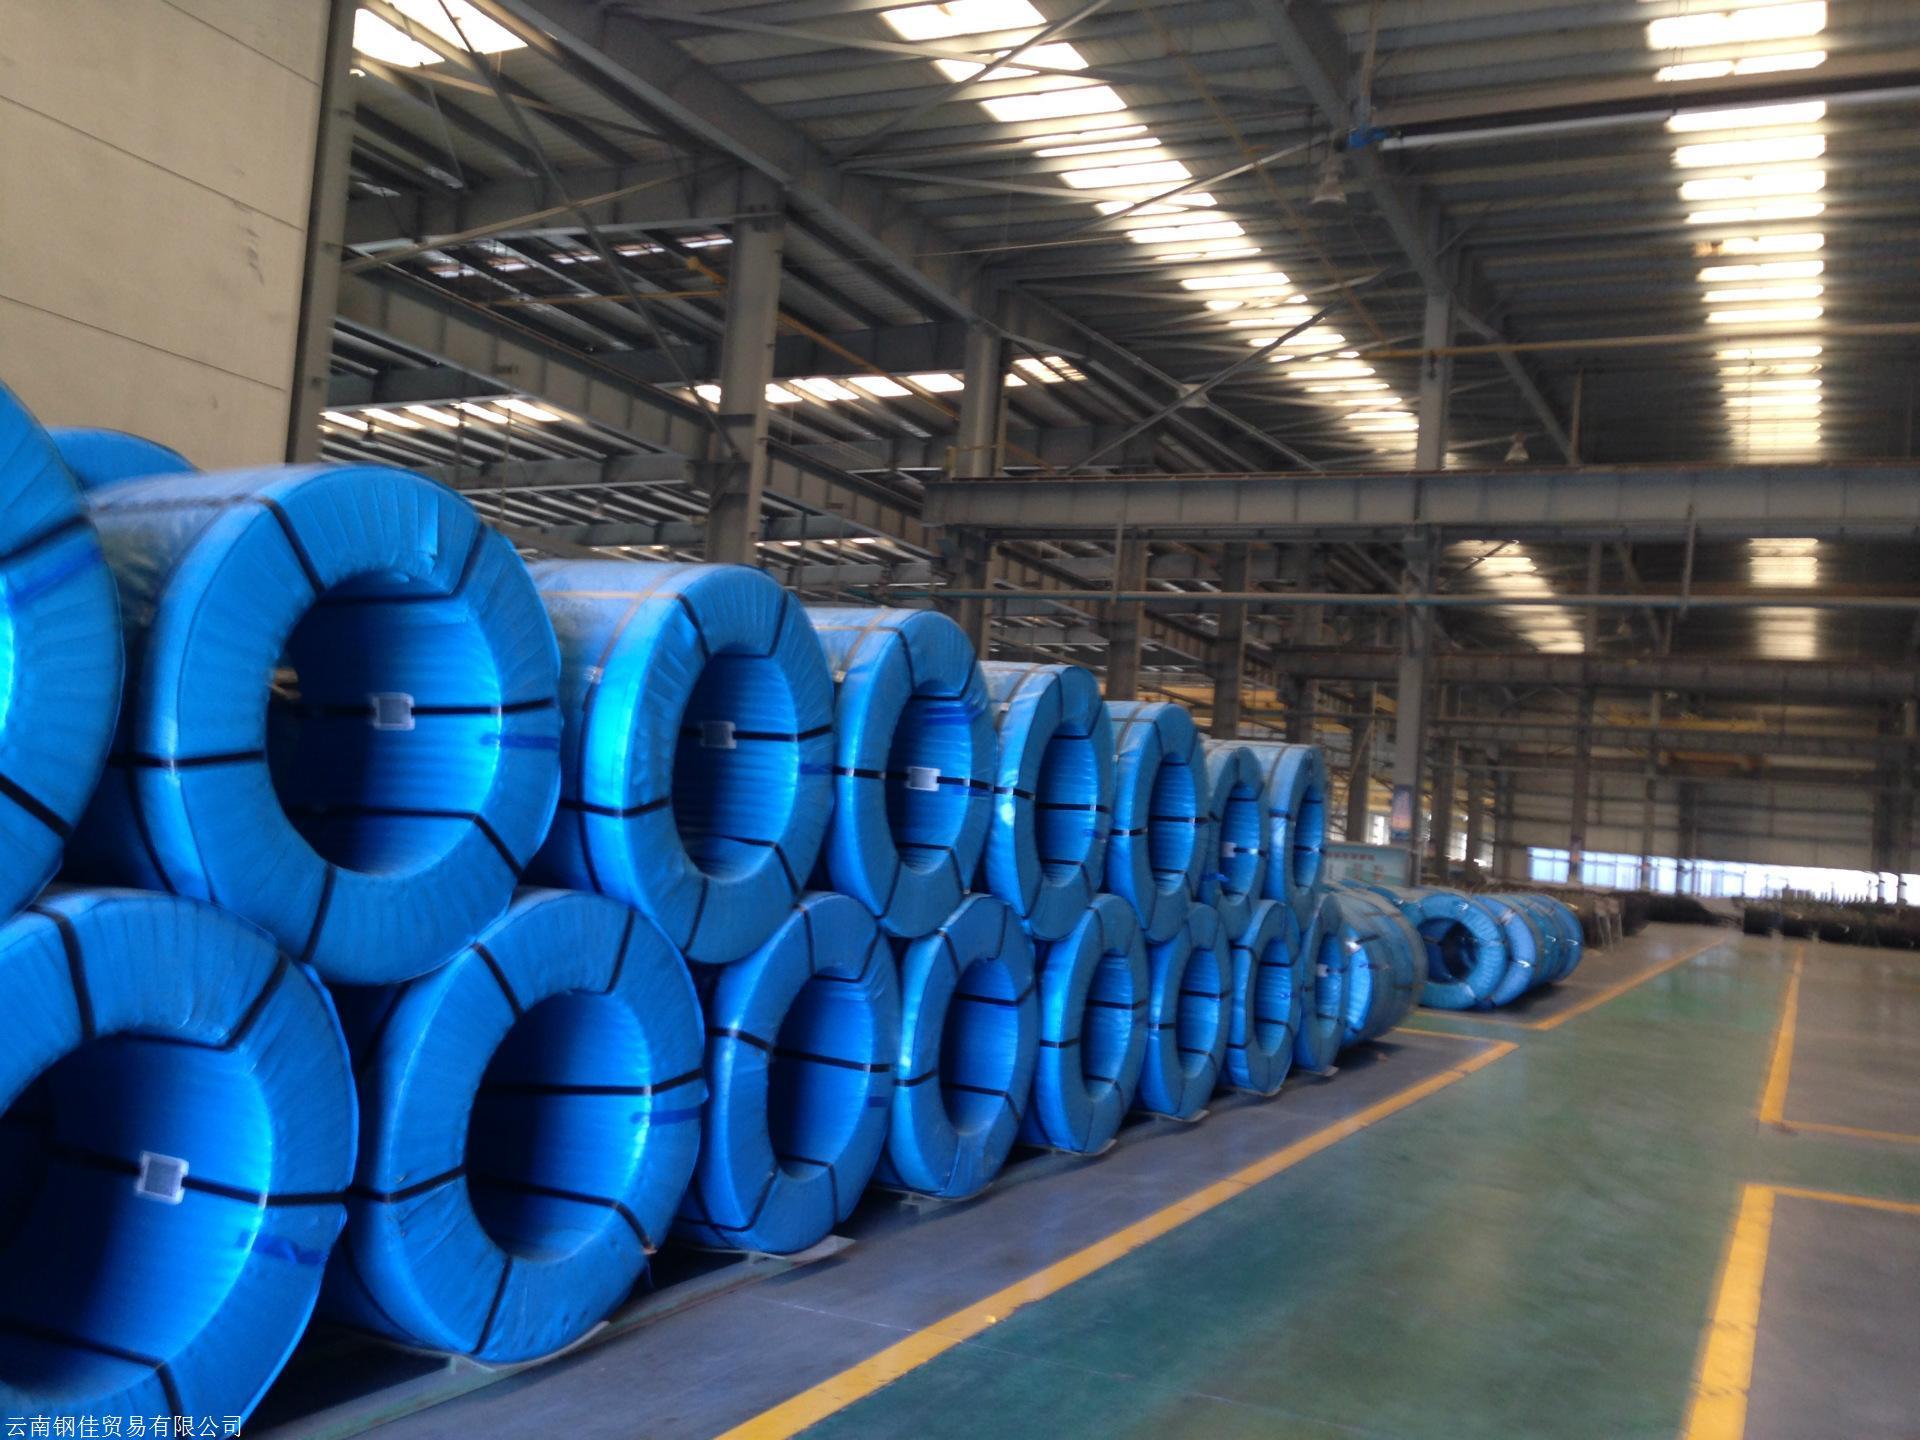 曲靖钢绞线价格 钢材供应商 现货销售